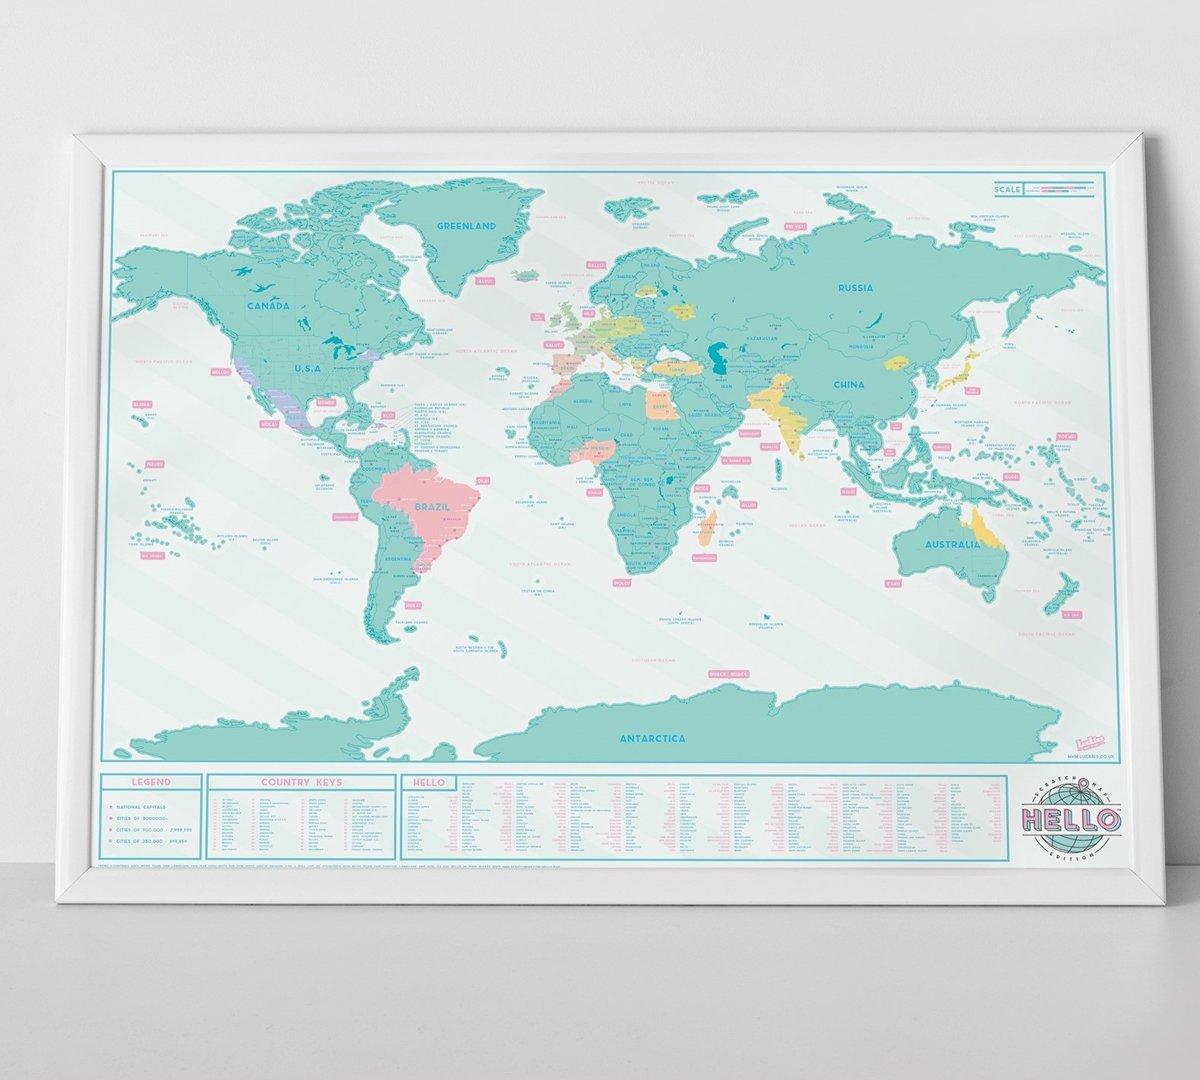 Wereld Kras Kraart Hallo - Scratch Map Hello Edition